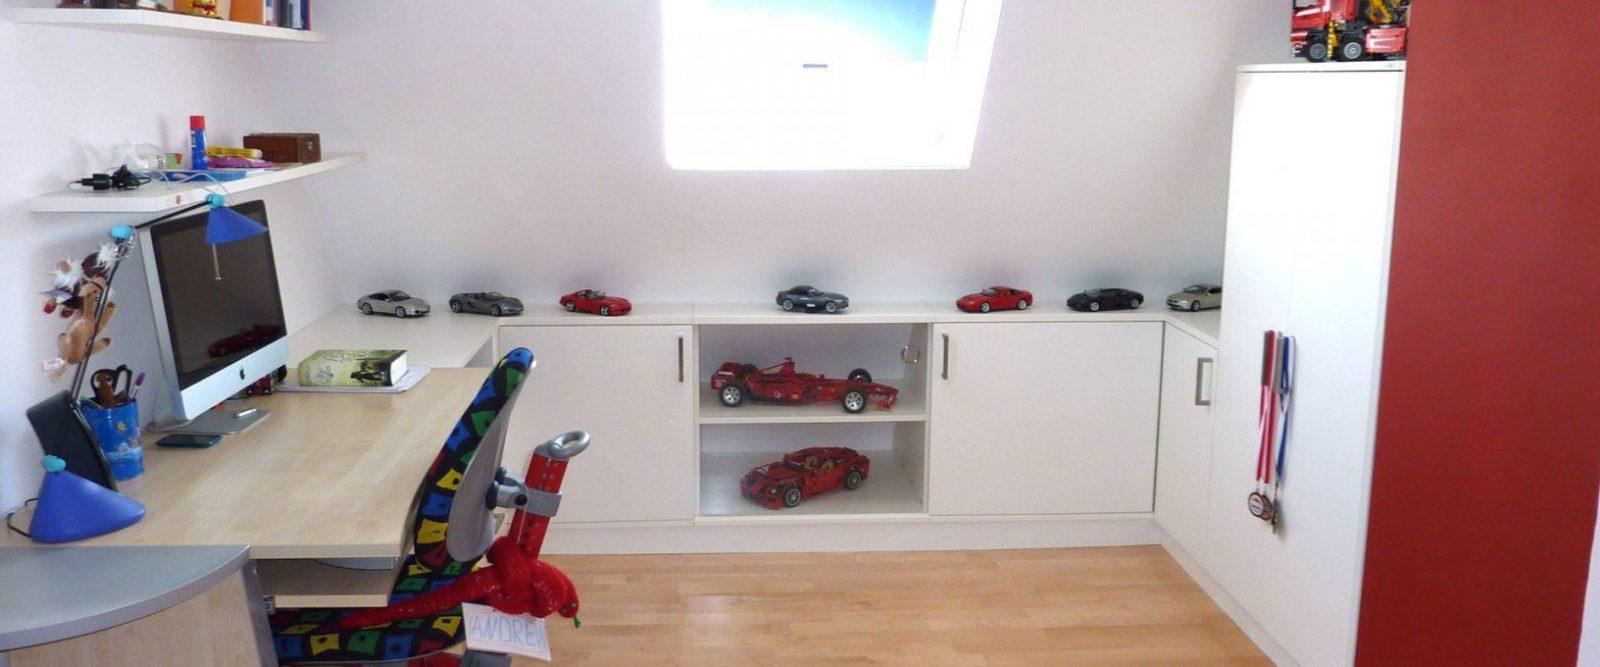 Dachschräge Zimmer Einrichten  Uruenavilladellibro von Jugendzimmer Mit Dachschräge Einrichten Bild